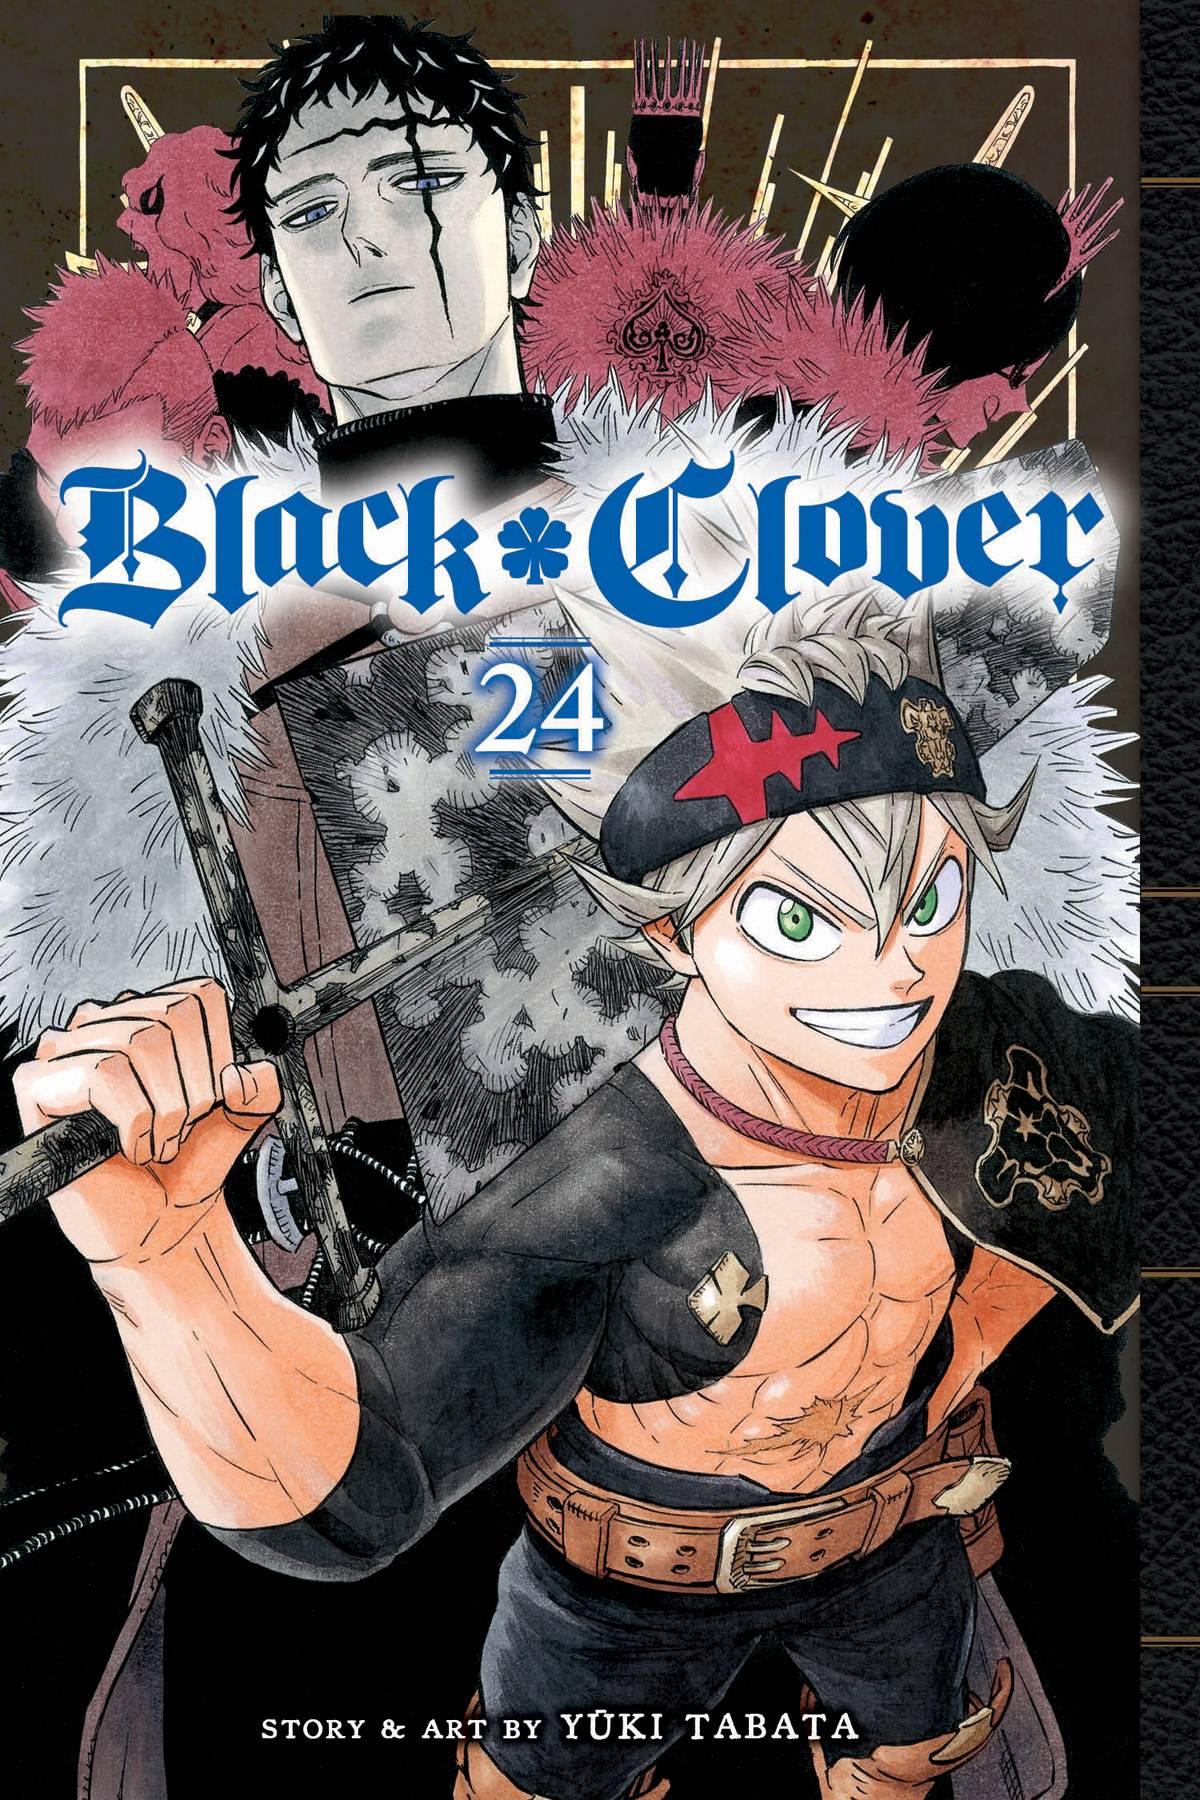 BLACK CLOVER GN 24